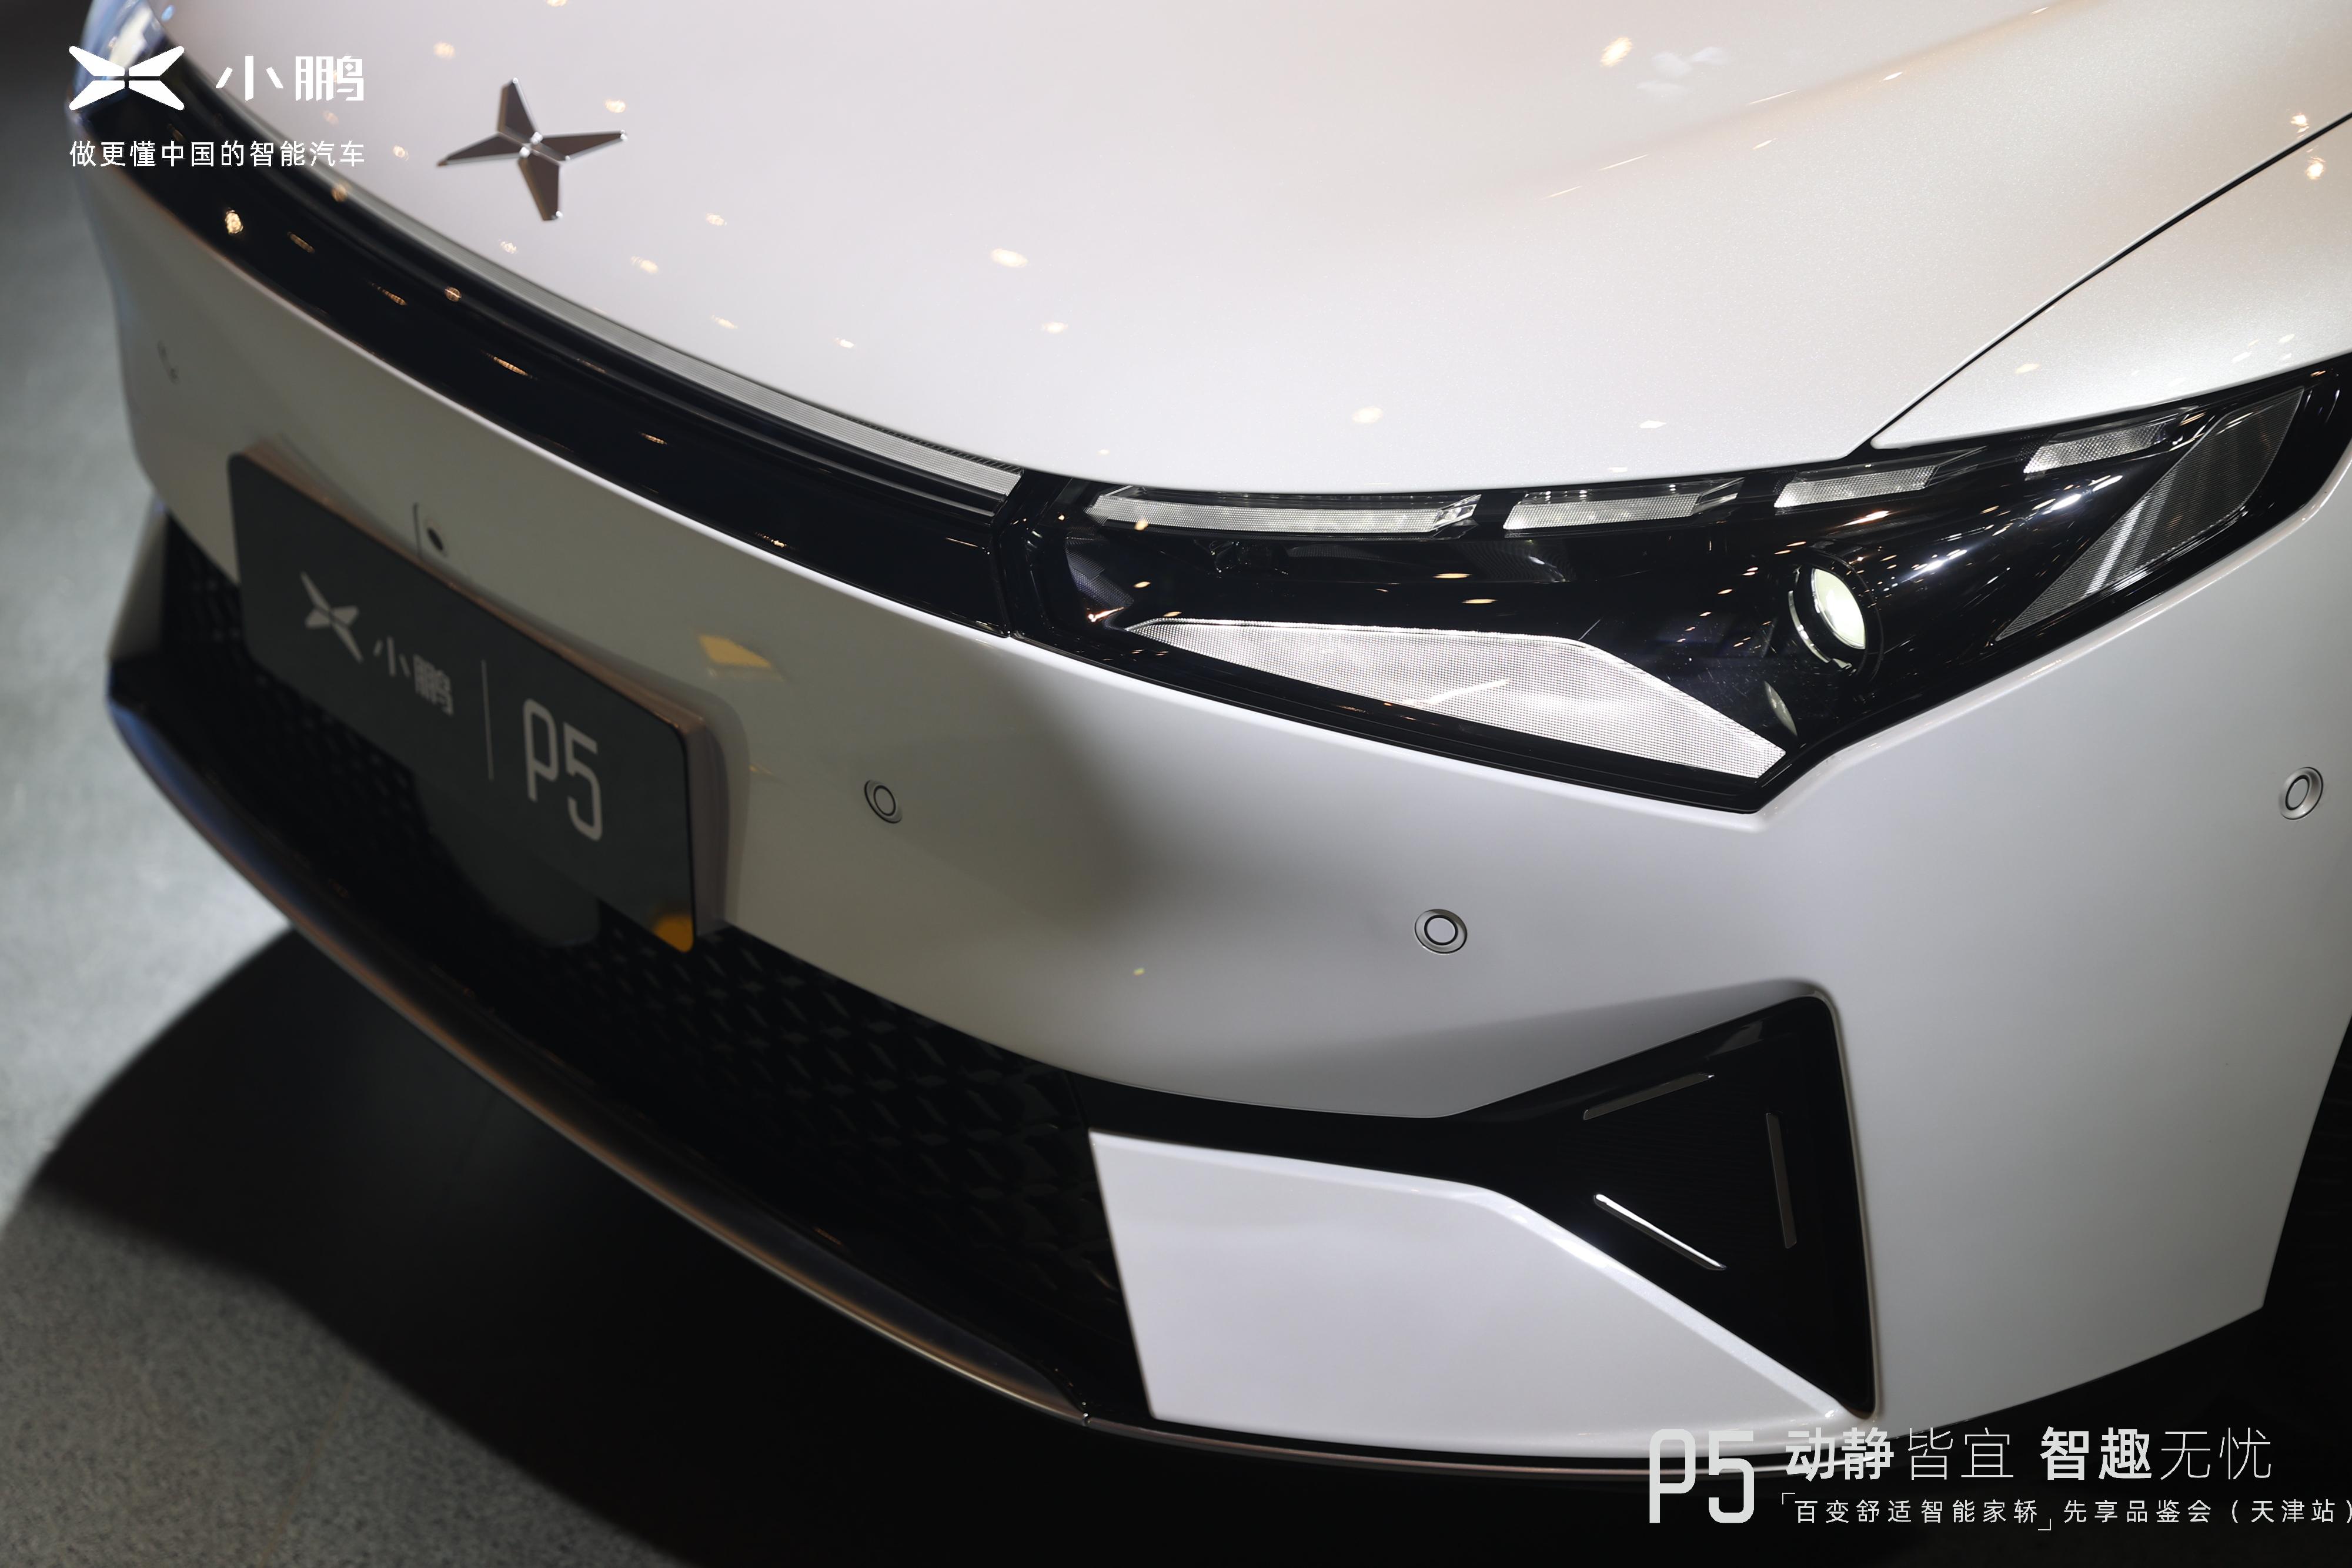 小鹏P5将于9月15日上市 性能配置是亮点 哪款值得买?